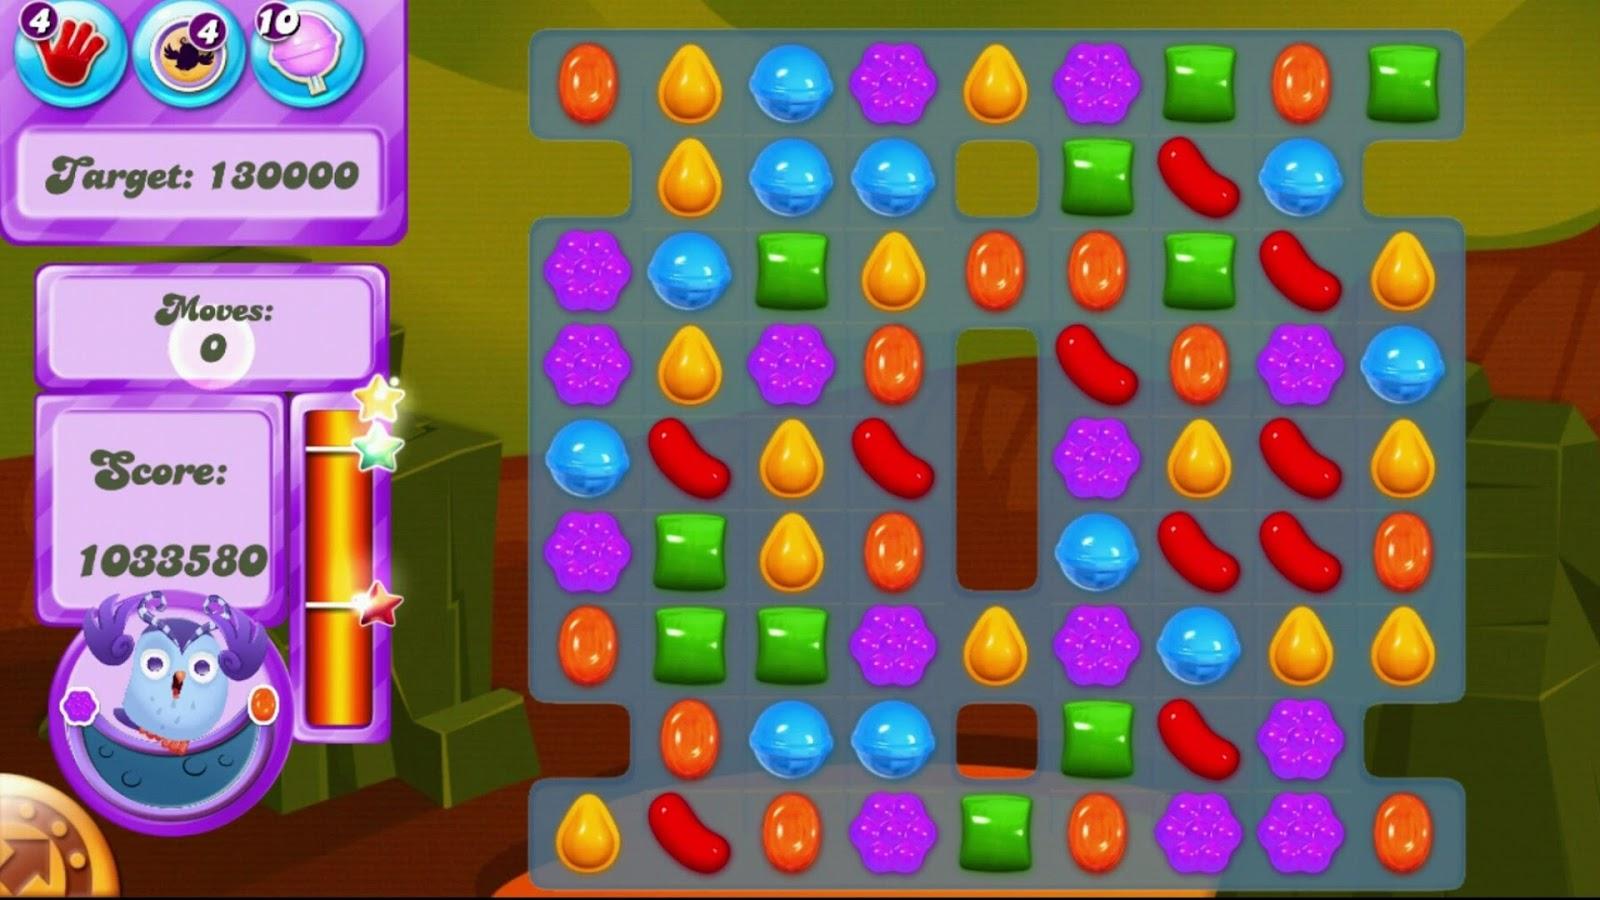 Screenshot gameplay candy crush soda saga - 1600 candy crush ...